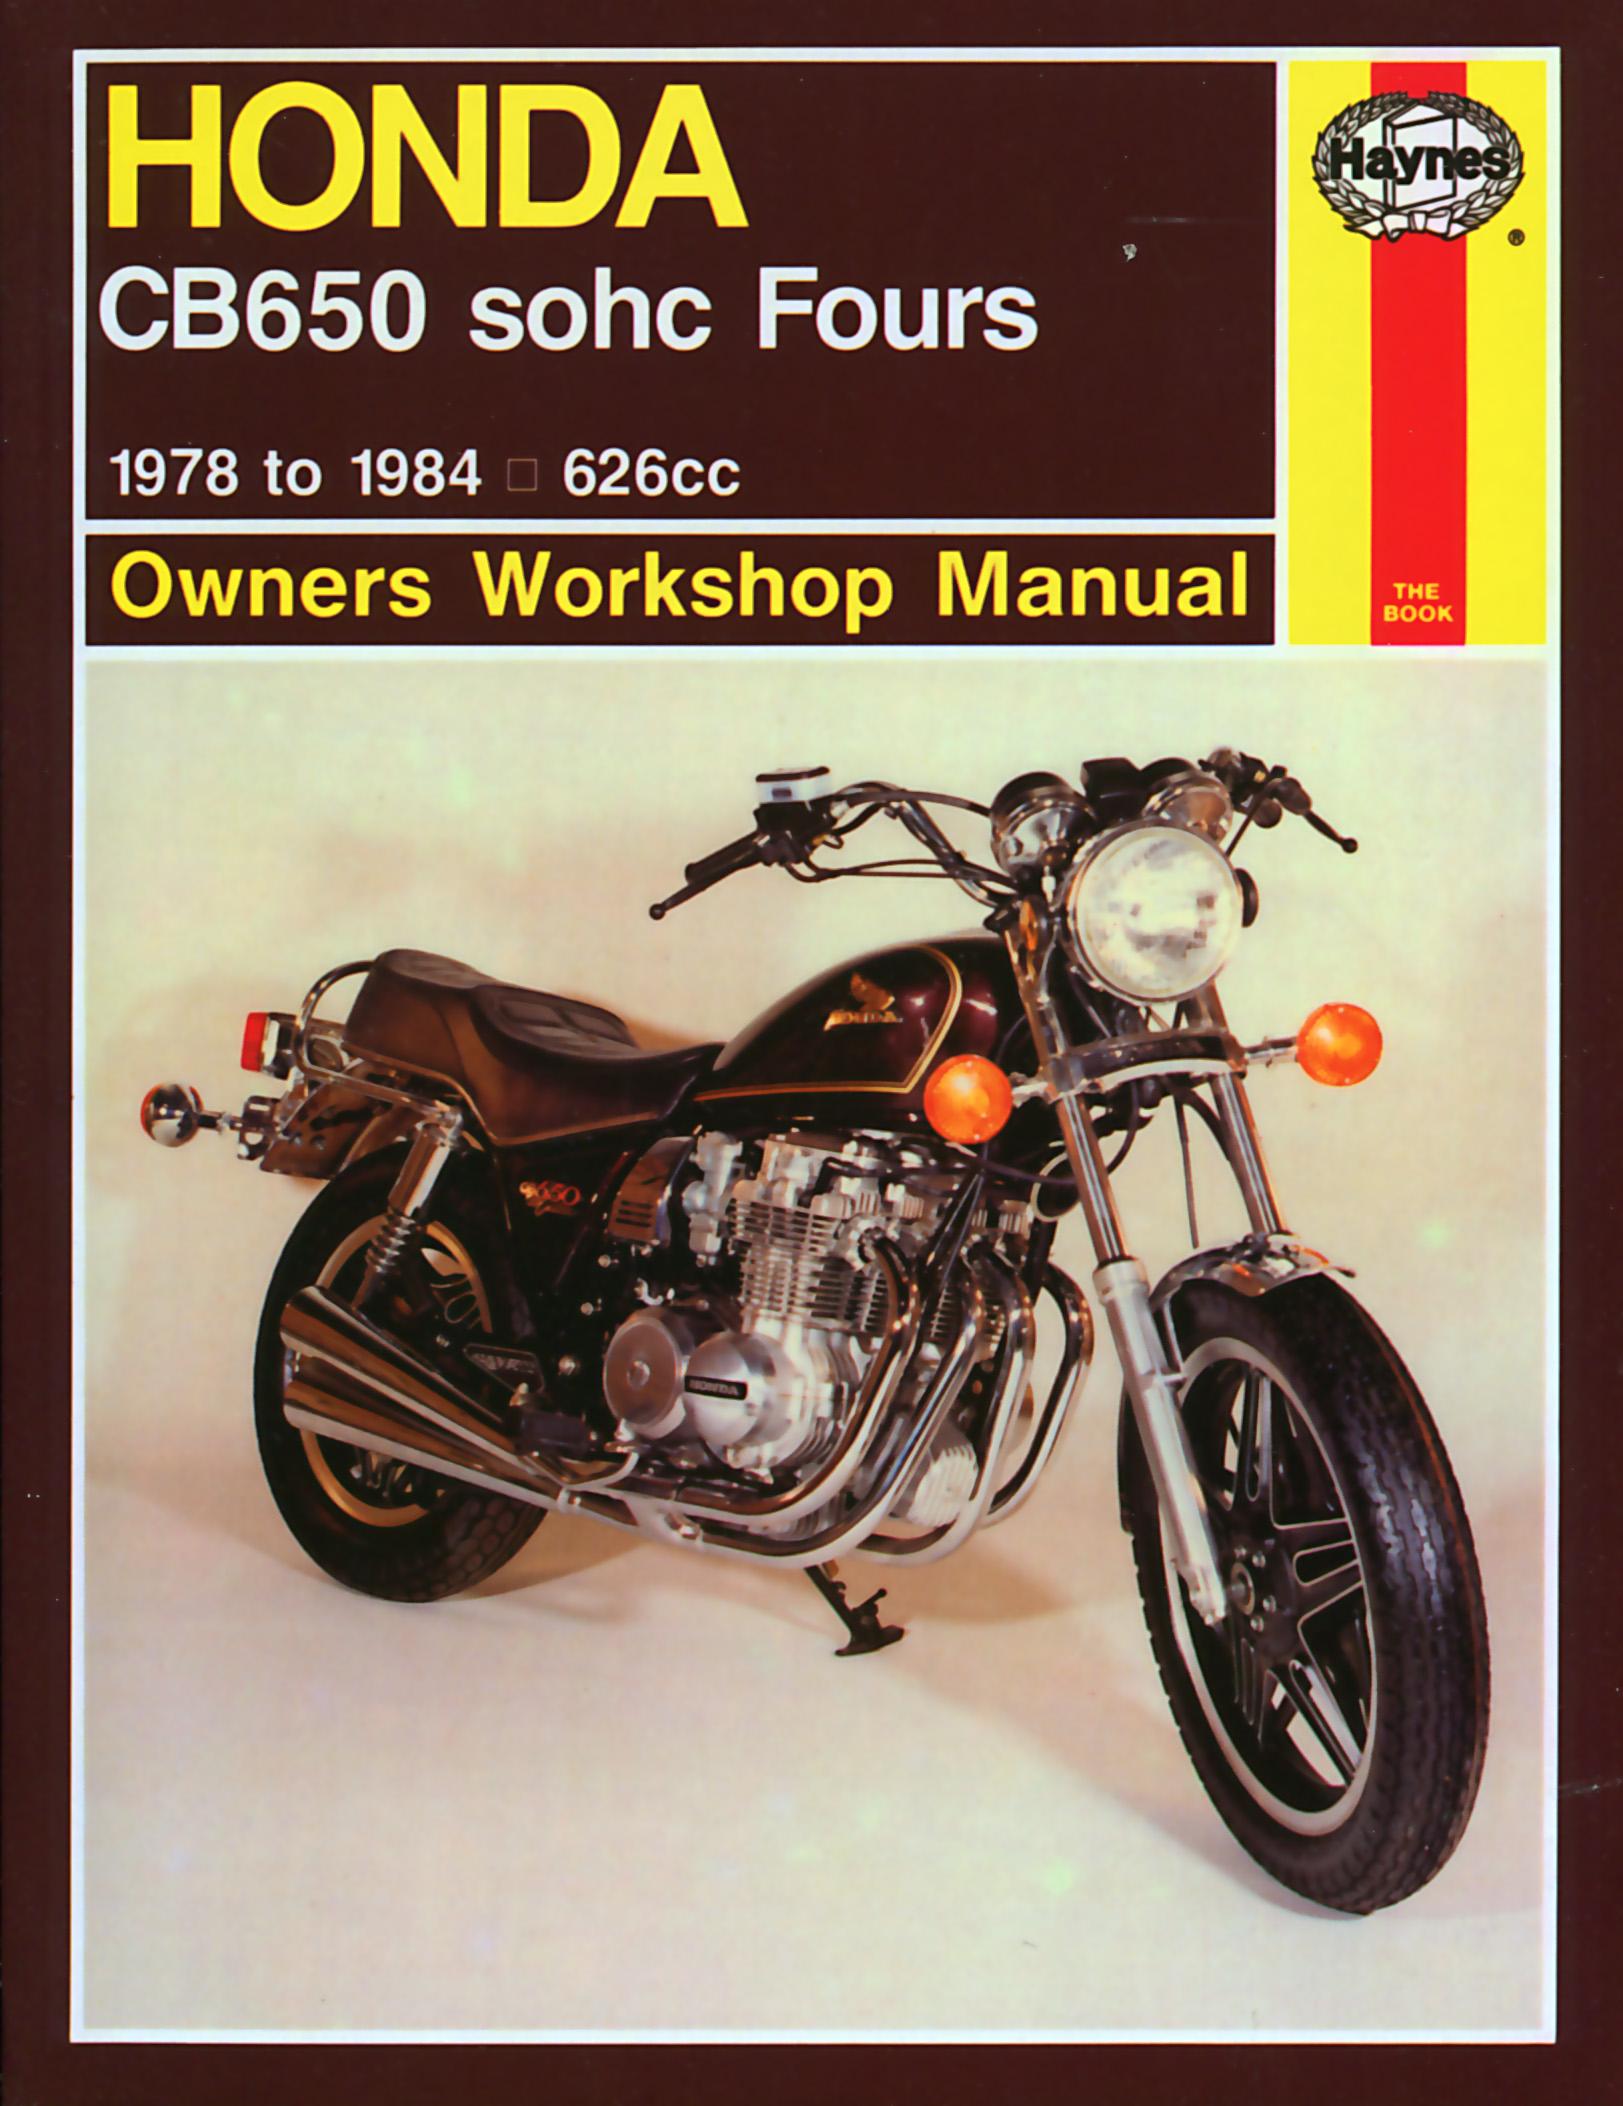 84 Cb650 Wiring Diagram Electrical Diagrams Honda Sohc Fours 78 Haynes Repair Manual Manuals Gl1500